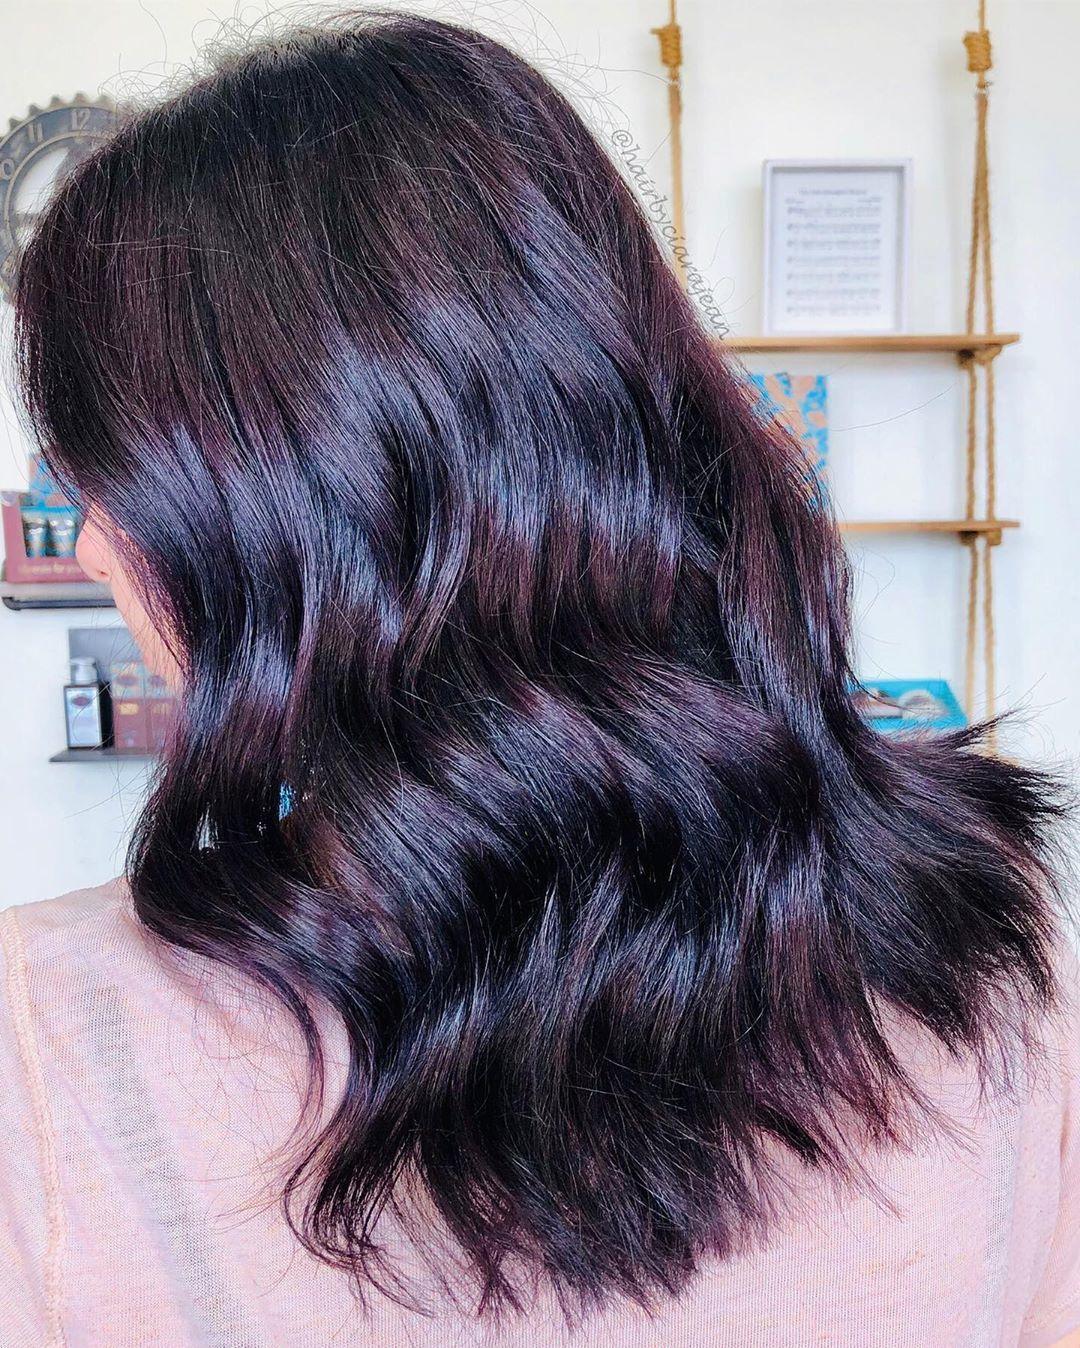 Woman with purple toned mahogany medium length wavy hair